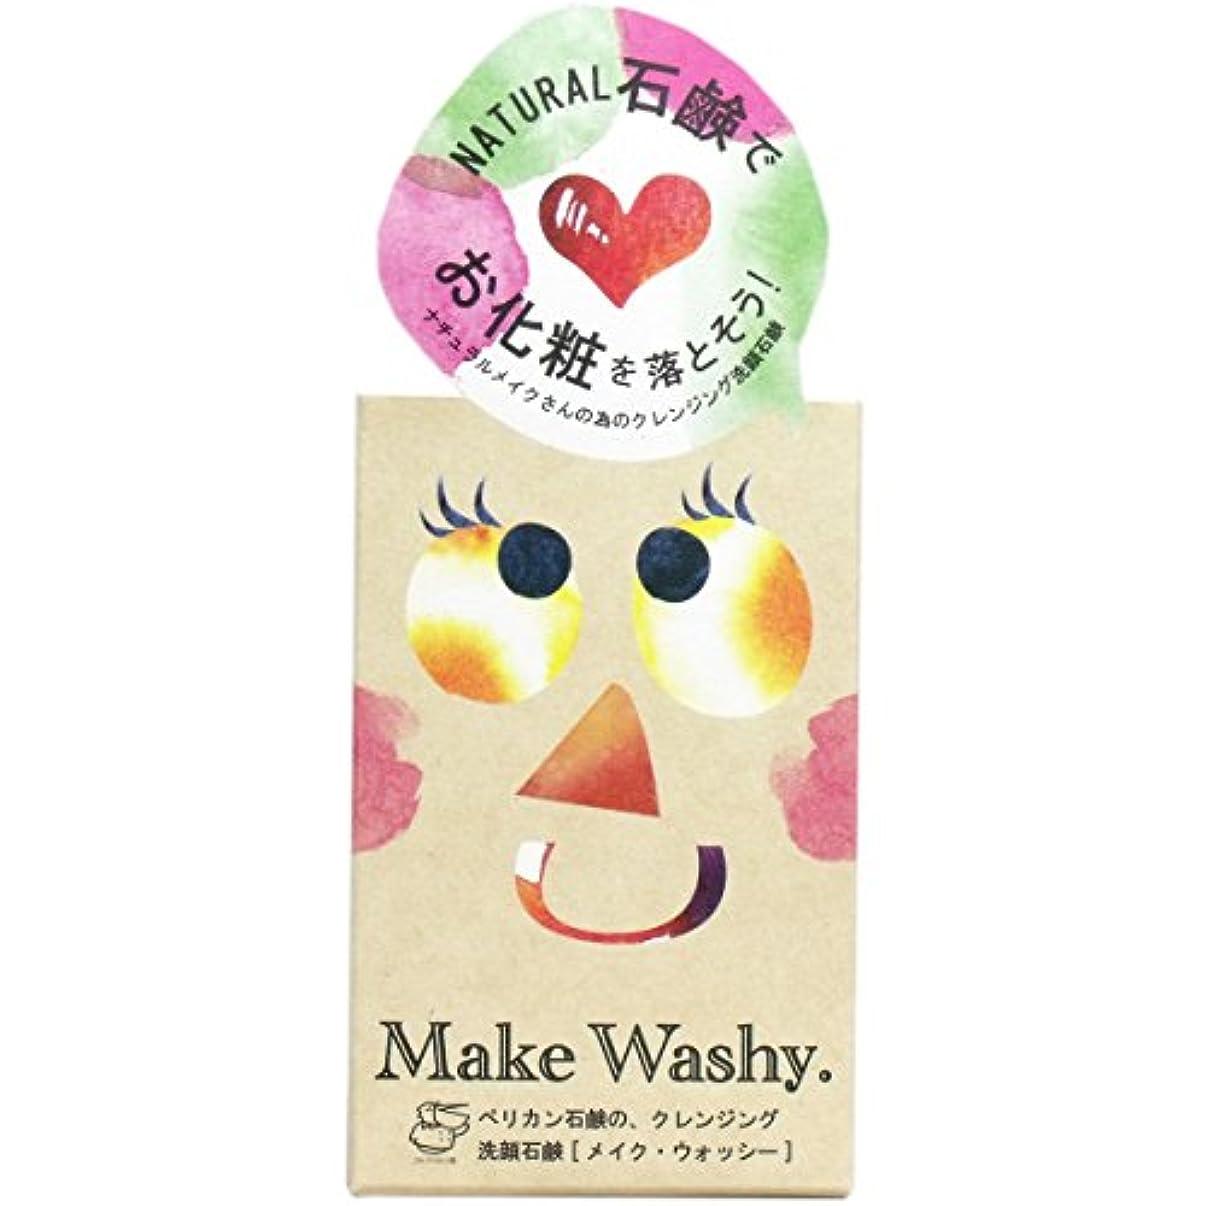 ベストオークフリンジ【まとめ買い】メイクウォッシー 洗顔石鹸【×2個】